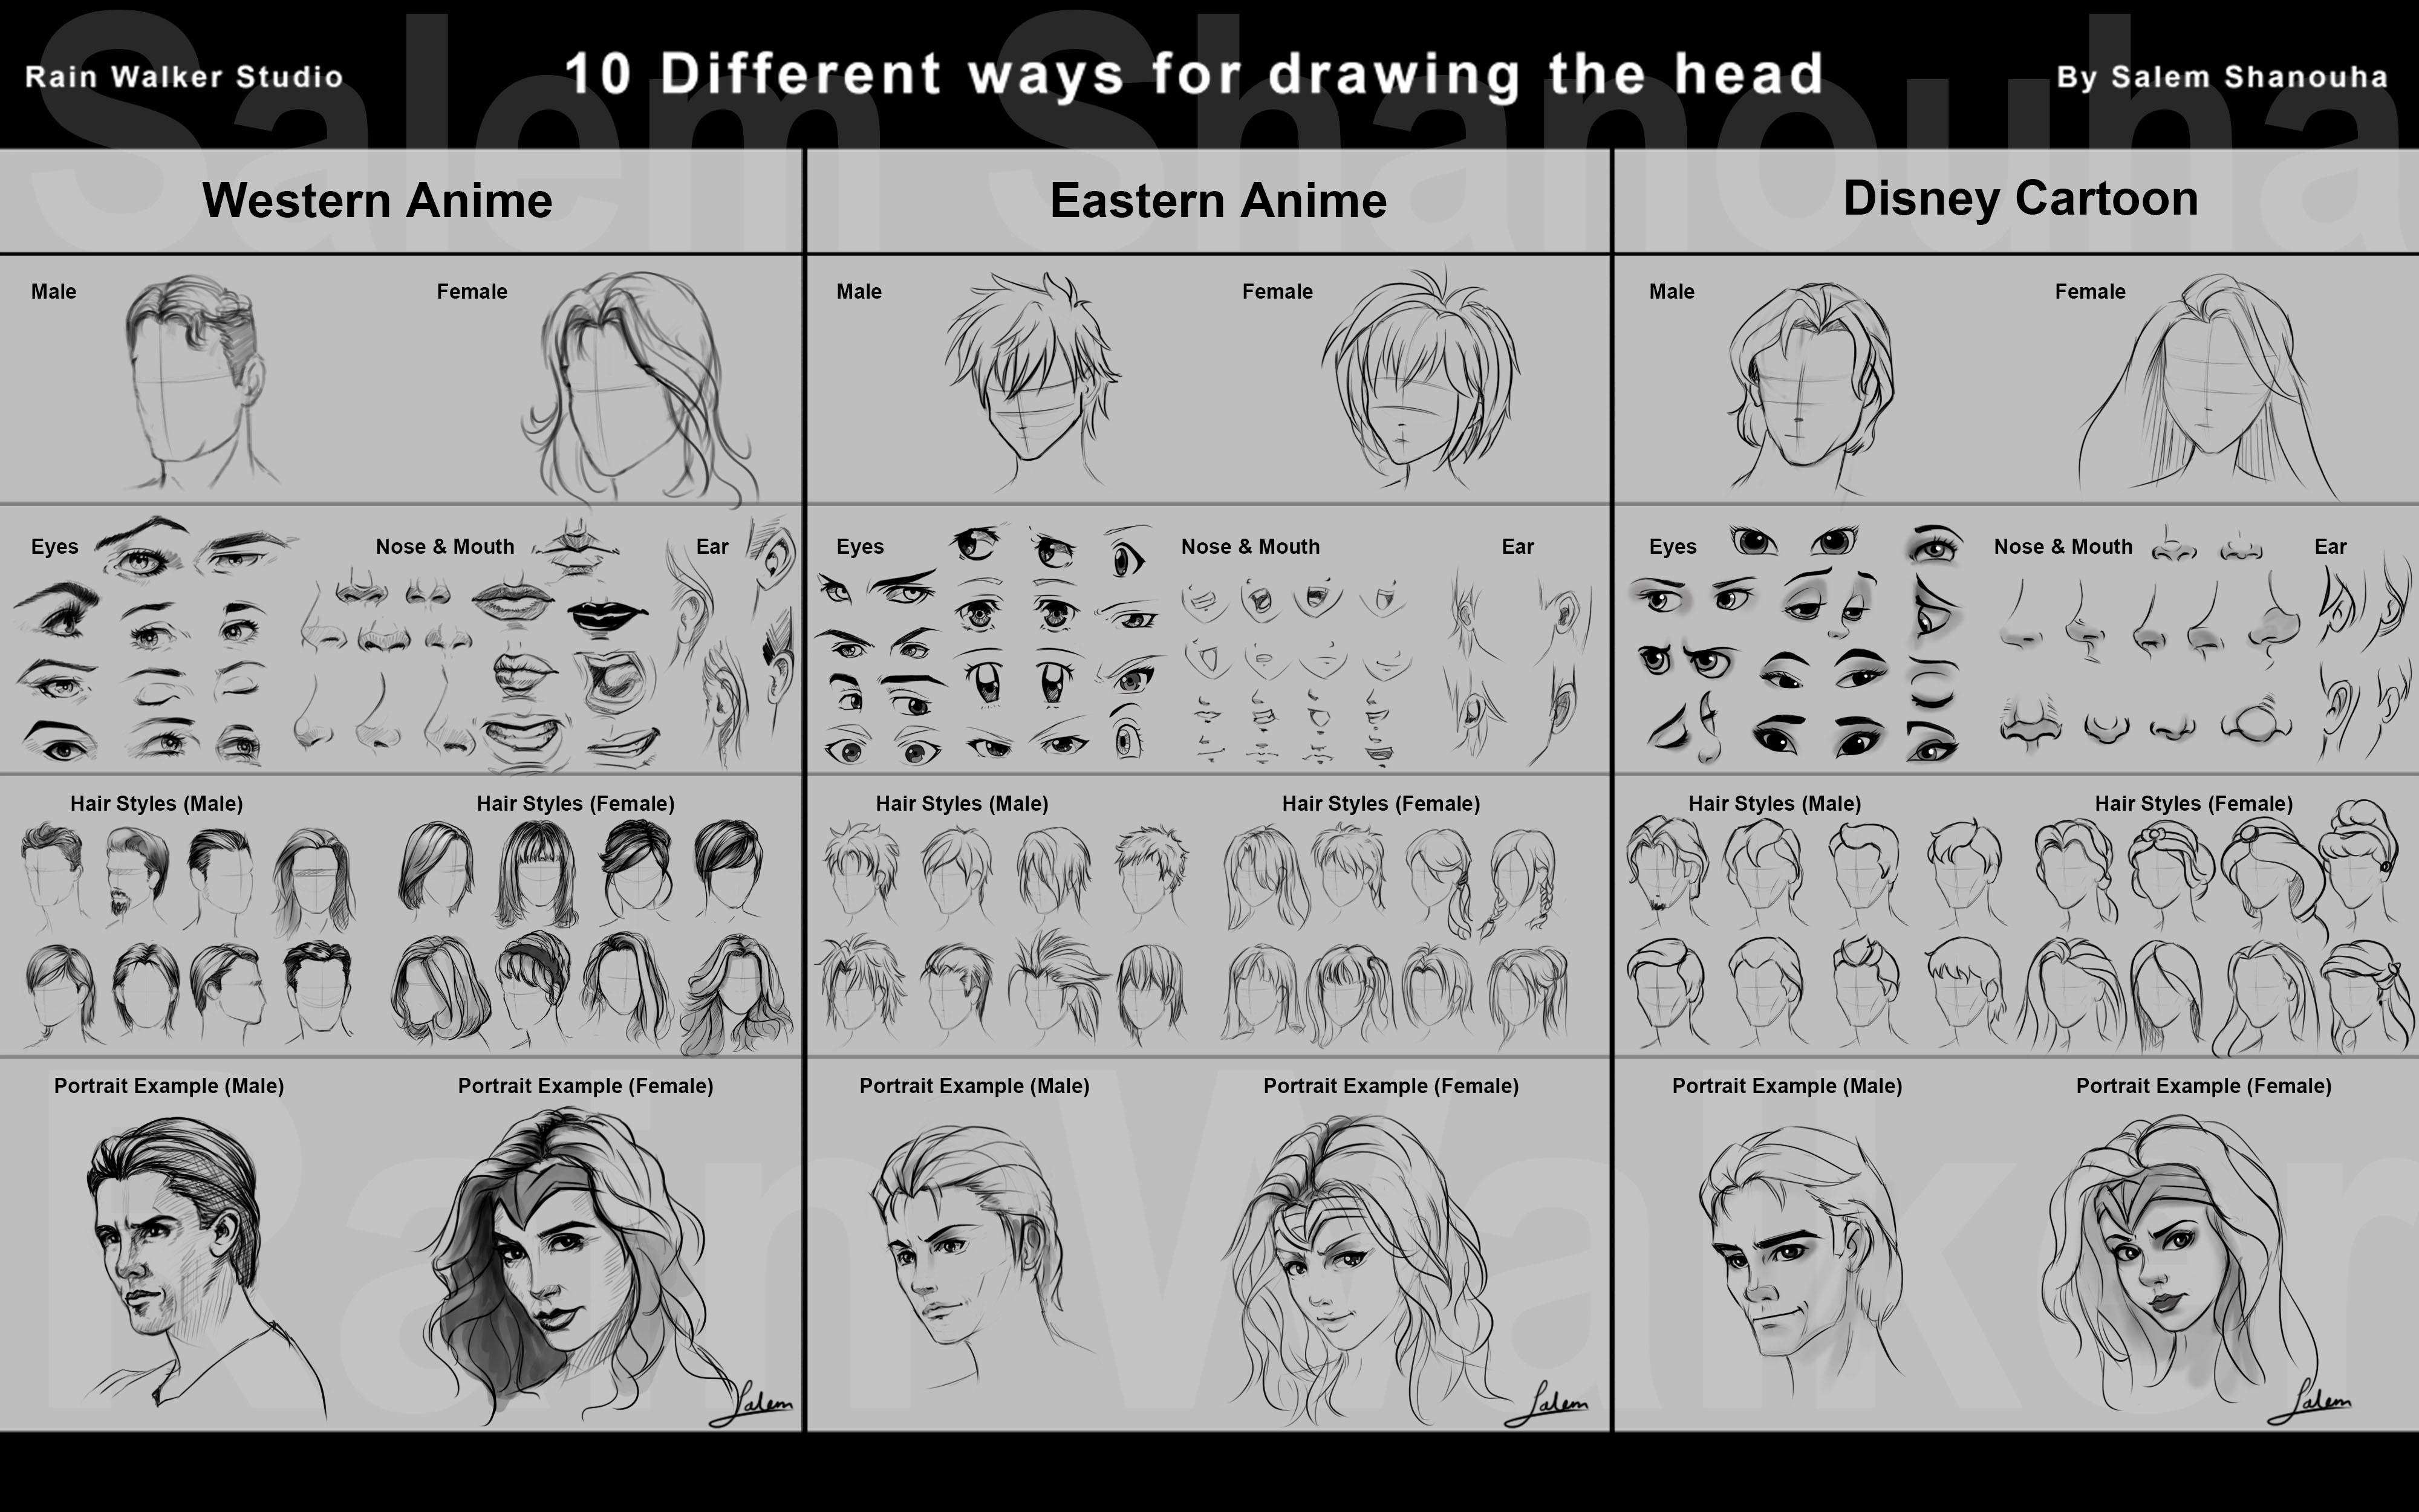 Styles Comparison (Comics vs Manga vs Disney)